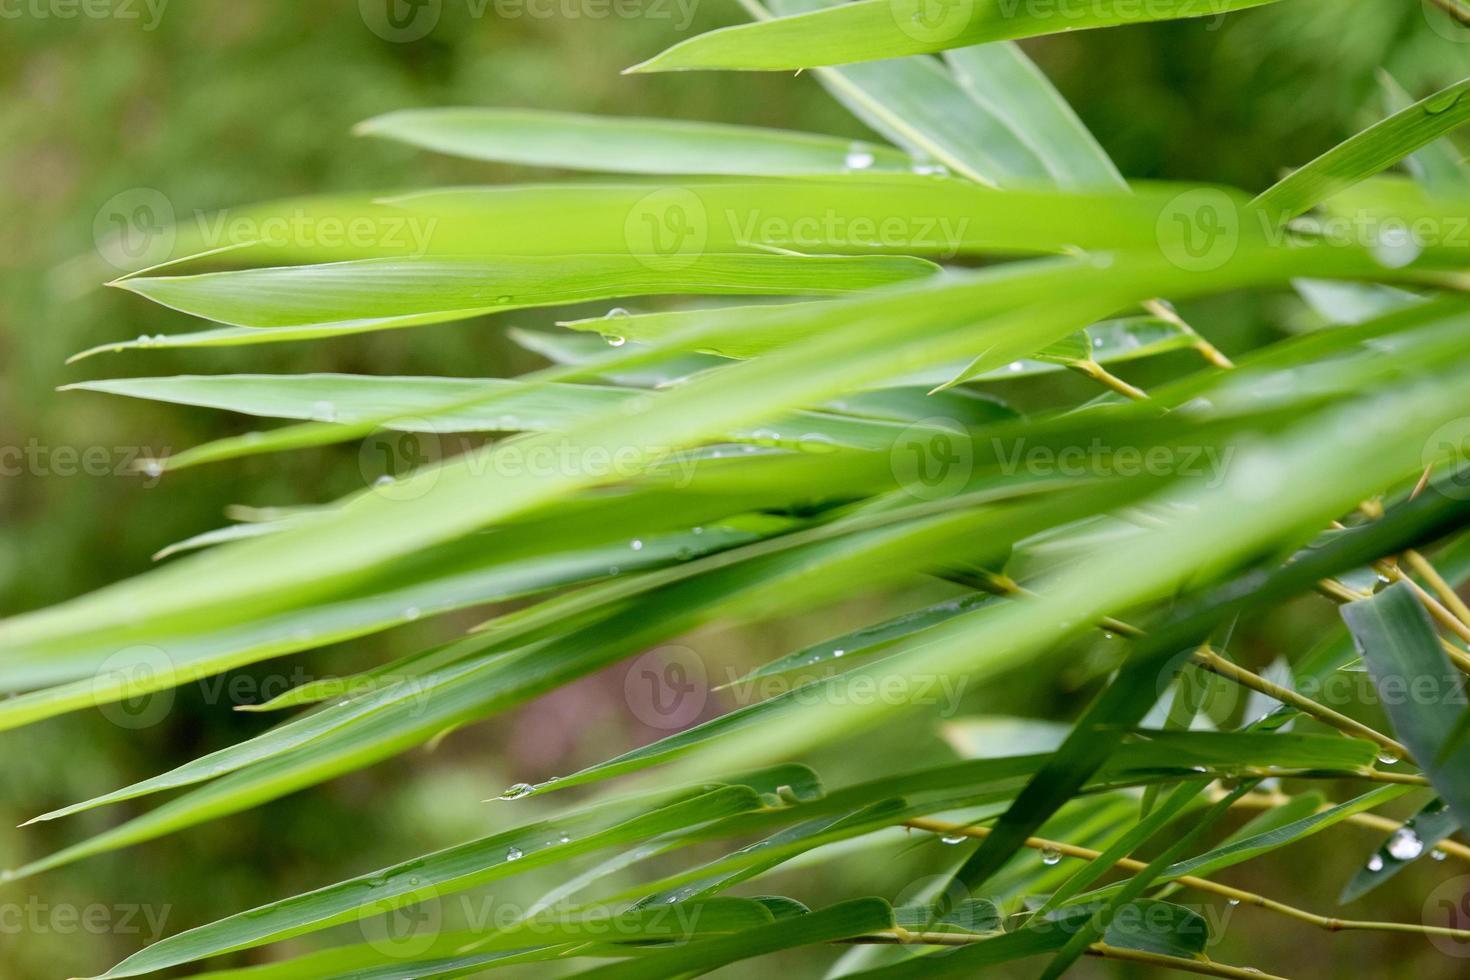 vacker grön bambu lämnar bakgrund (suddighet främre fokus) foto